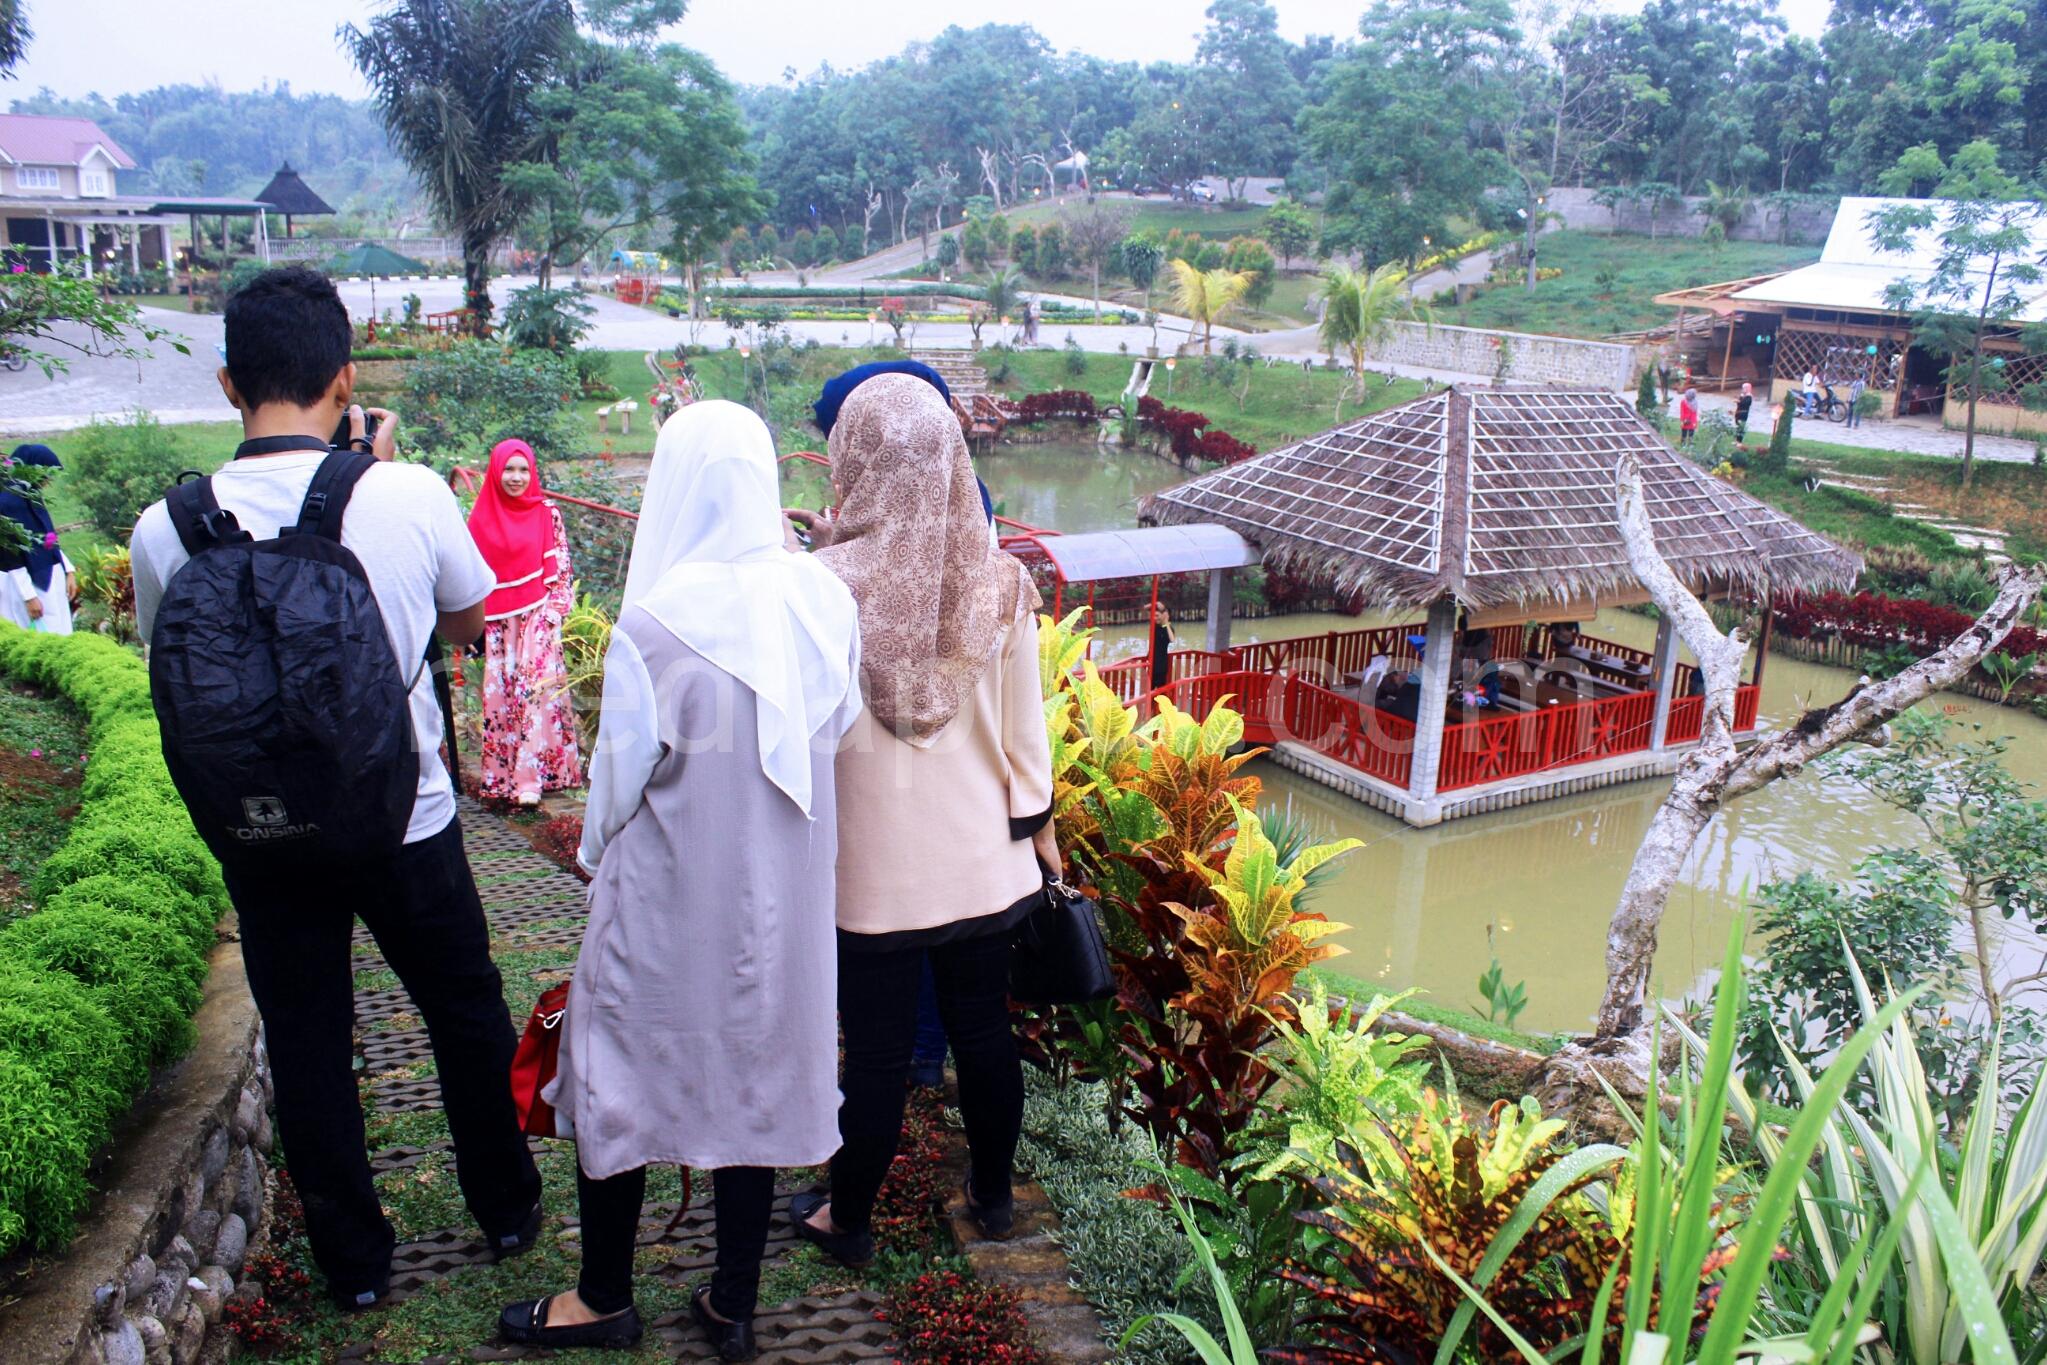 Le Hu Garden Taman Kota Cantik Pinggir Desa Patumbak Baiklah